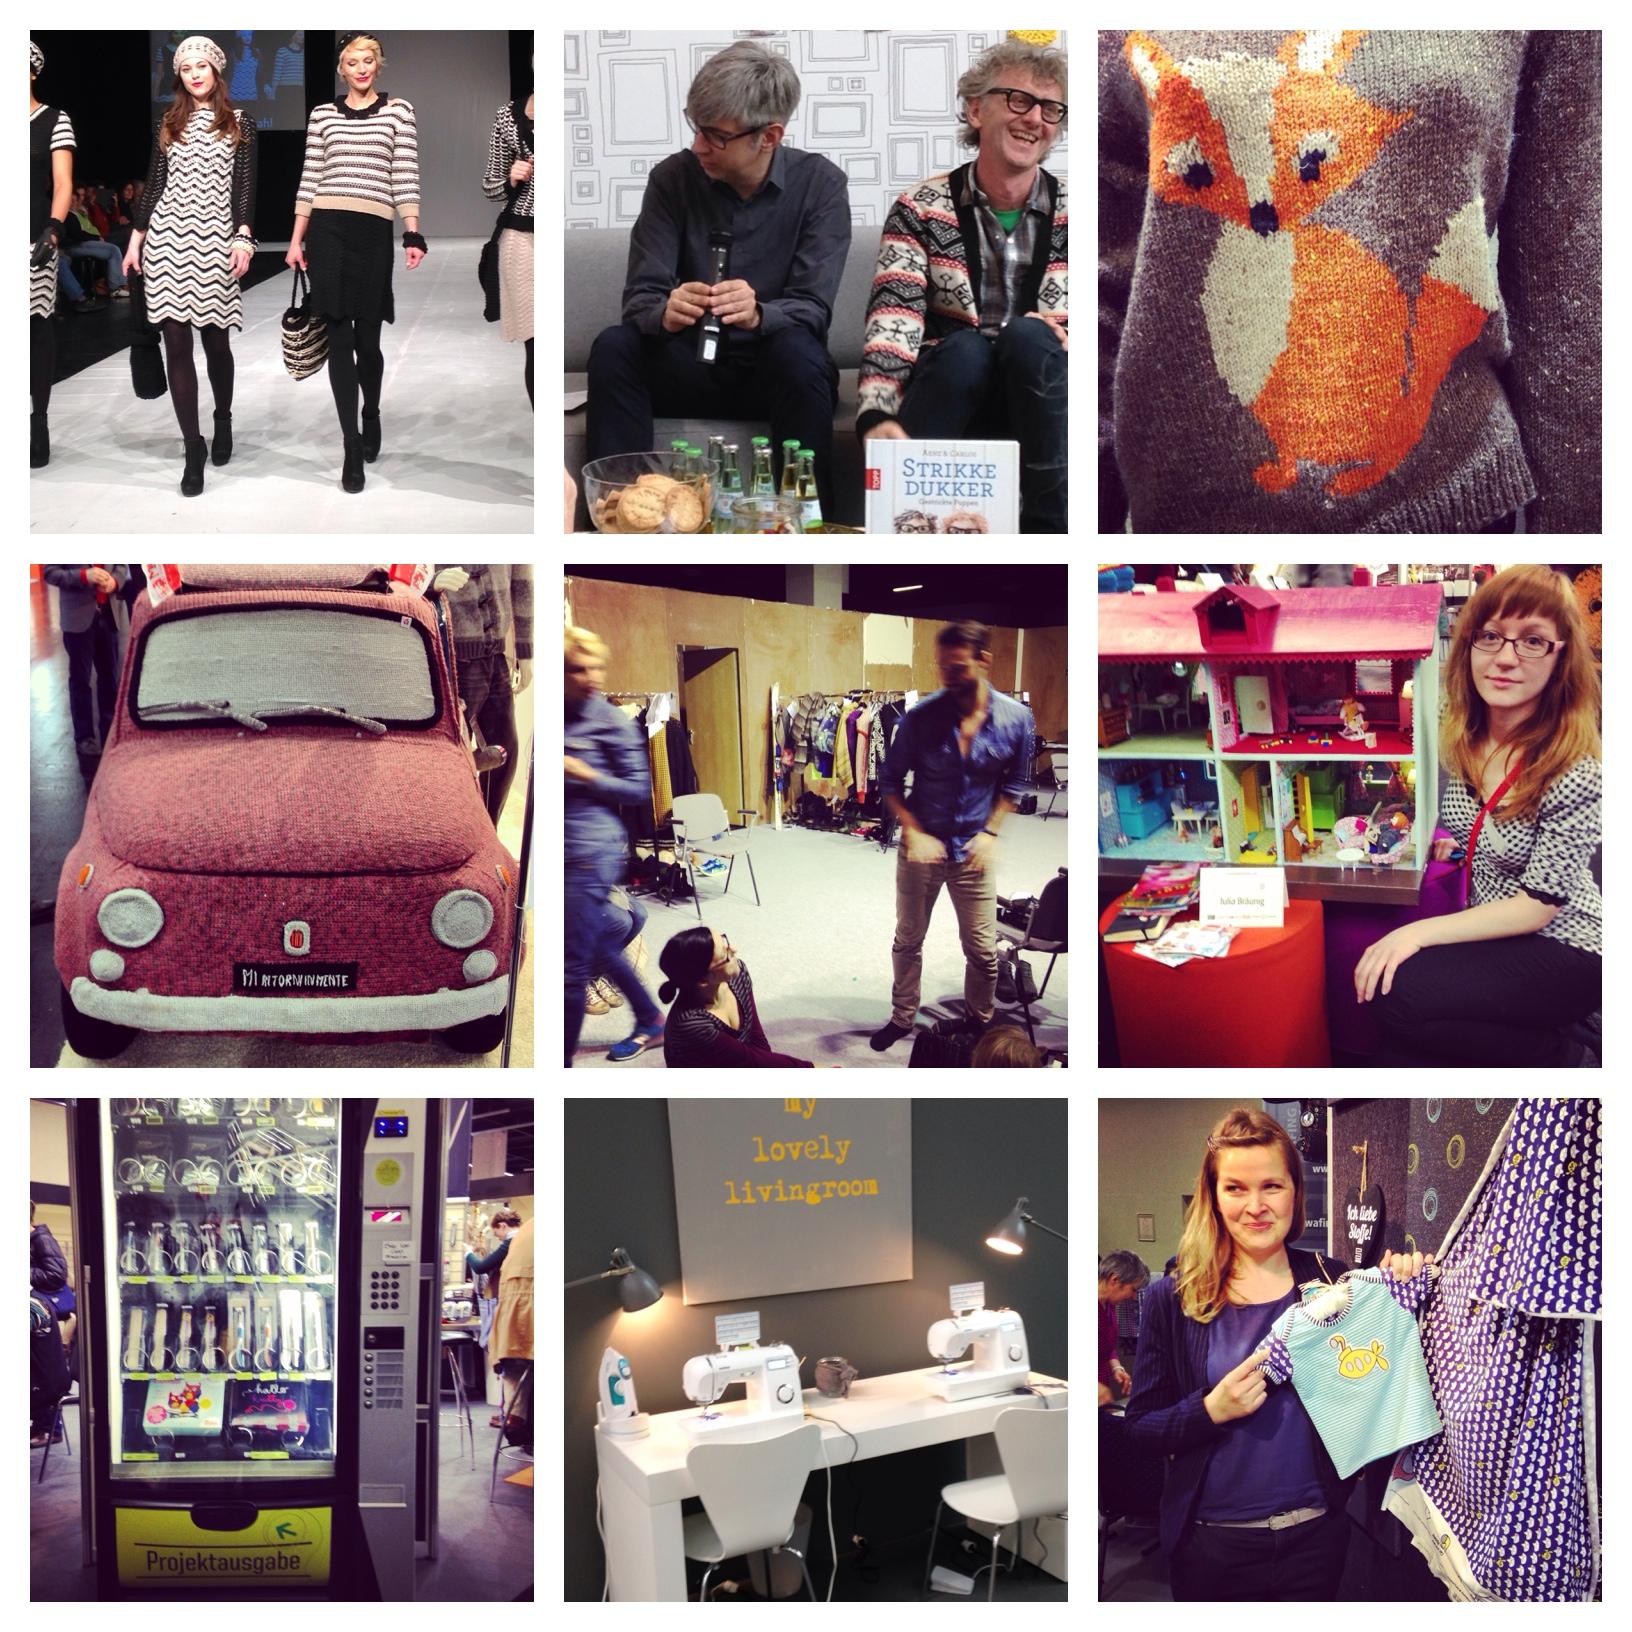 Meine Instagram-Highlights von der Handarbeitsmesse. Fotos: Sandra Cantzler